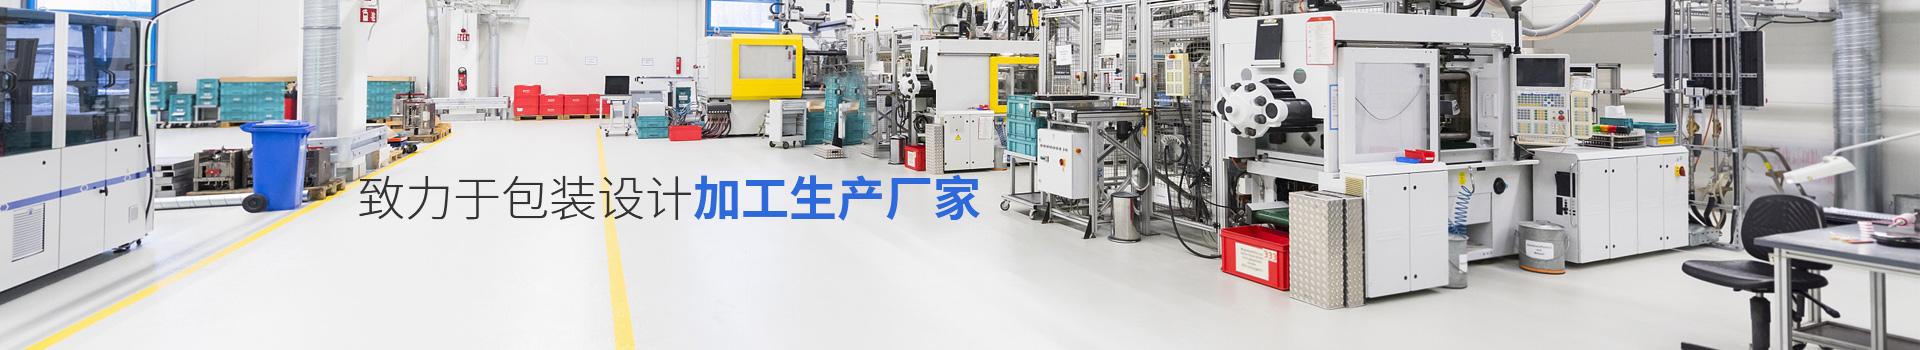 大胜-致力于包装设计加工生产厂家